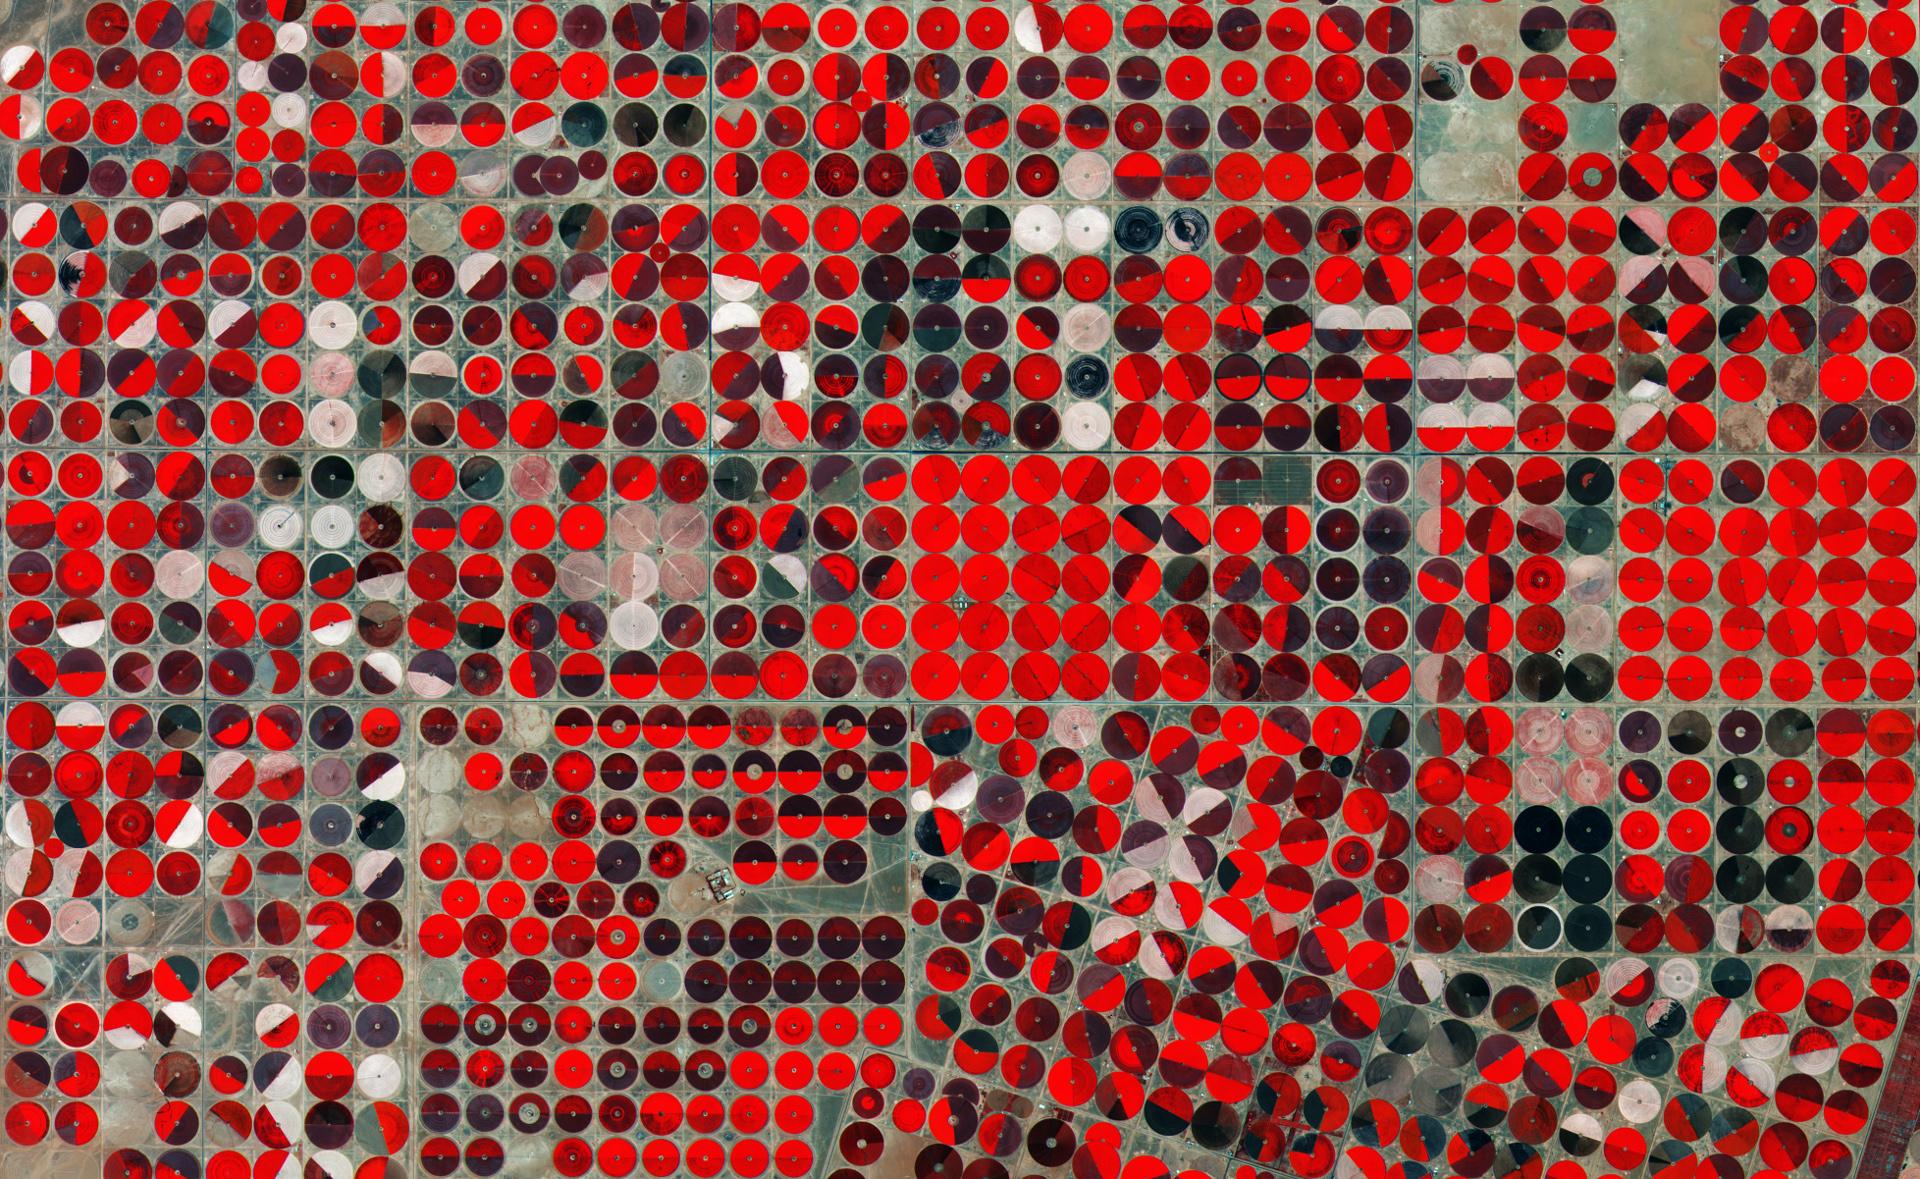 Agriculture - irrigation - Satellite - Pivot Central - Arabie Saoudite - Turbajal - Proche infrarouge - Sentinel-2 - Copernicus - ESA - Cercles parfaits - Parcelles agricoles - Europe